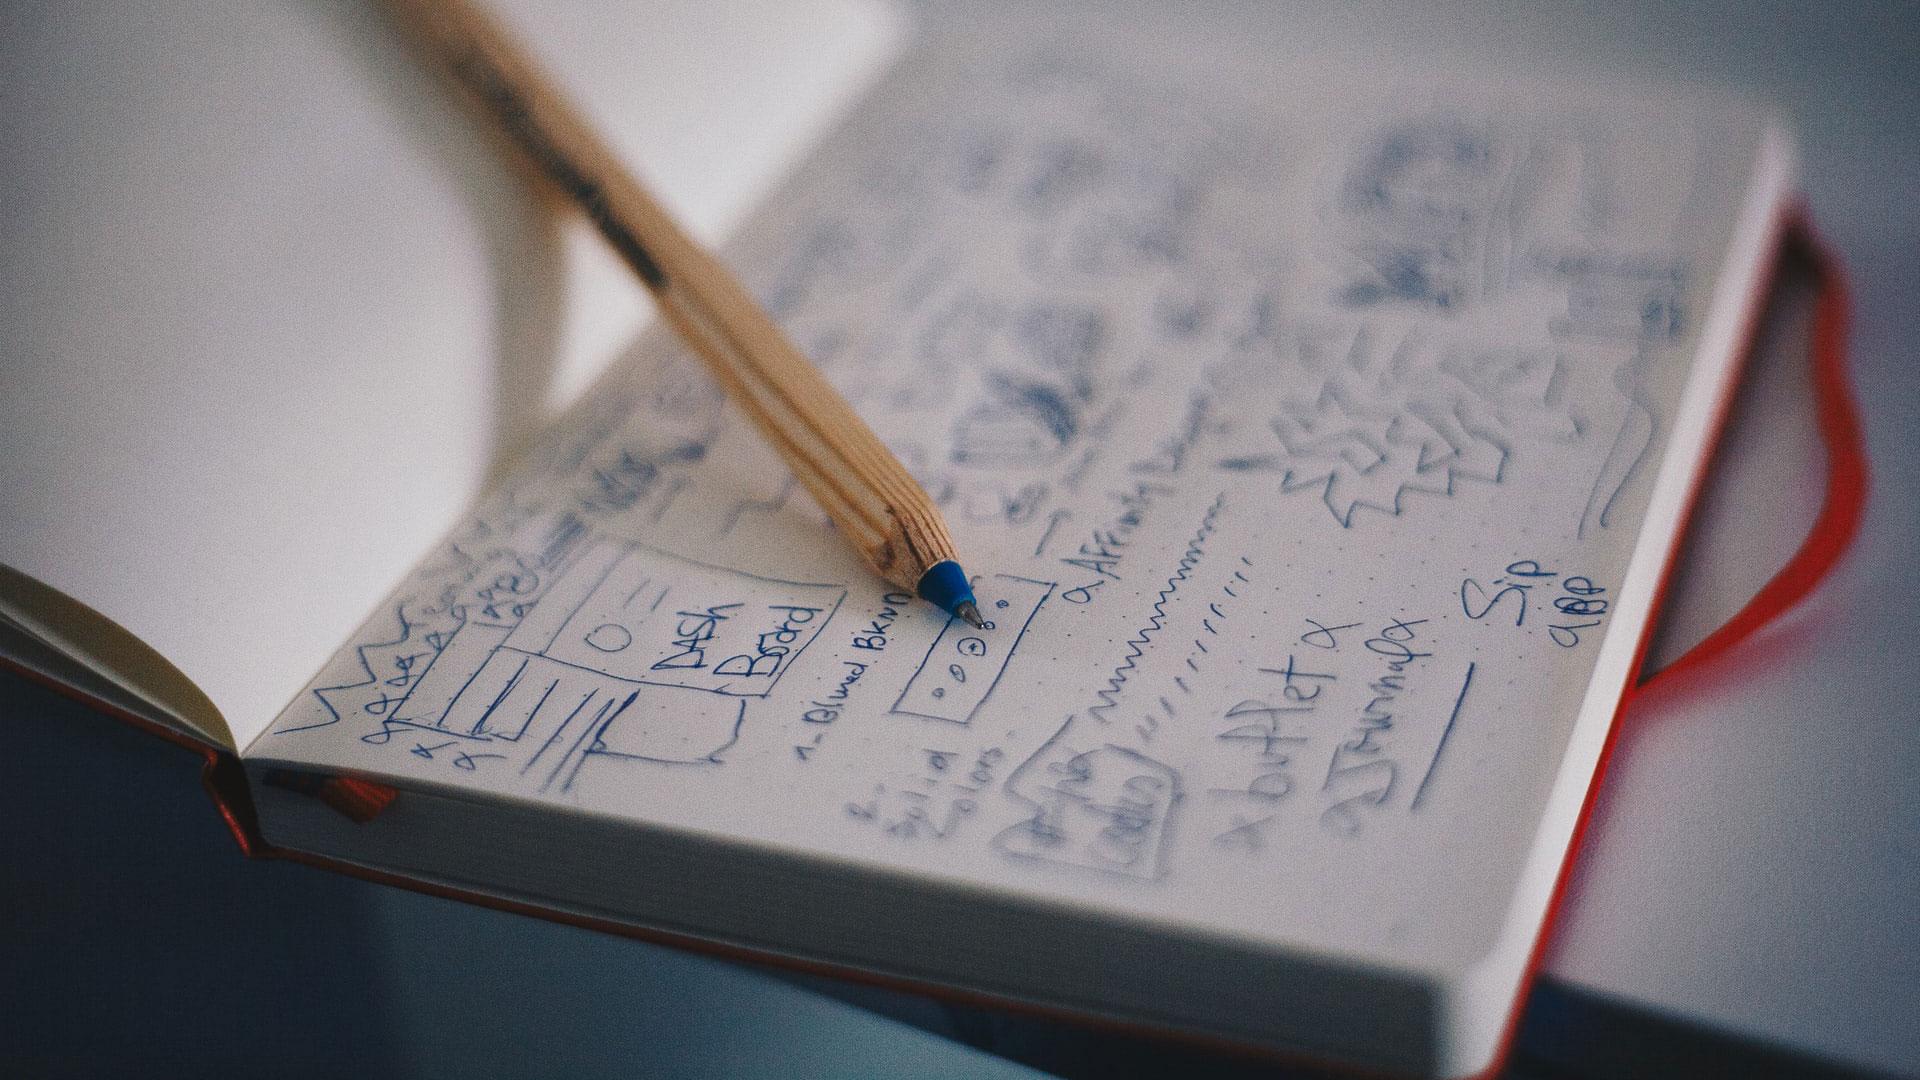 Bloco de notas com apontamentos e um lápis